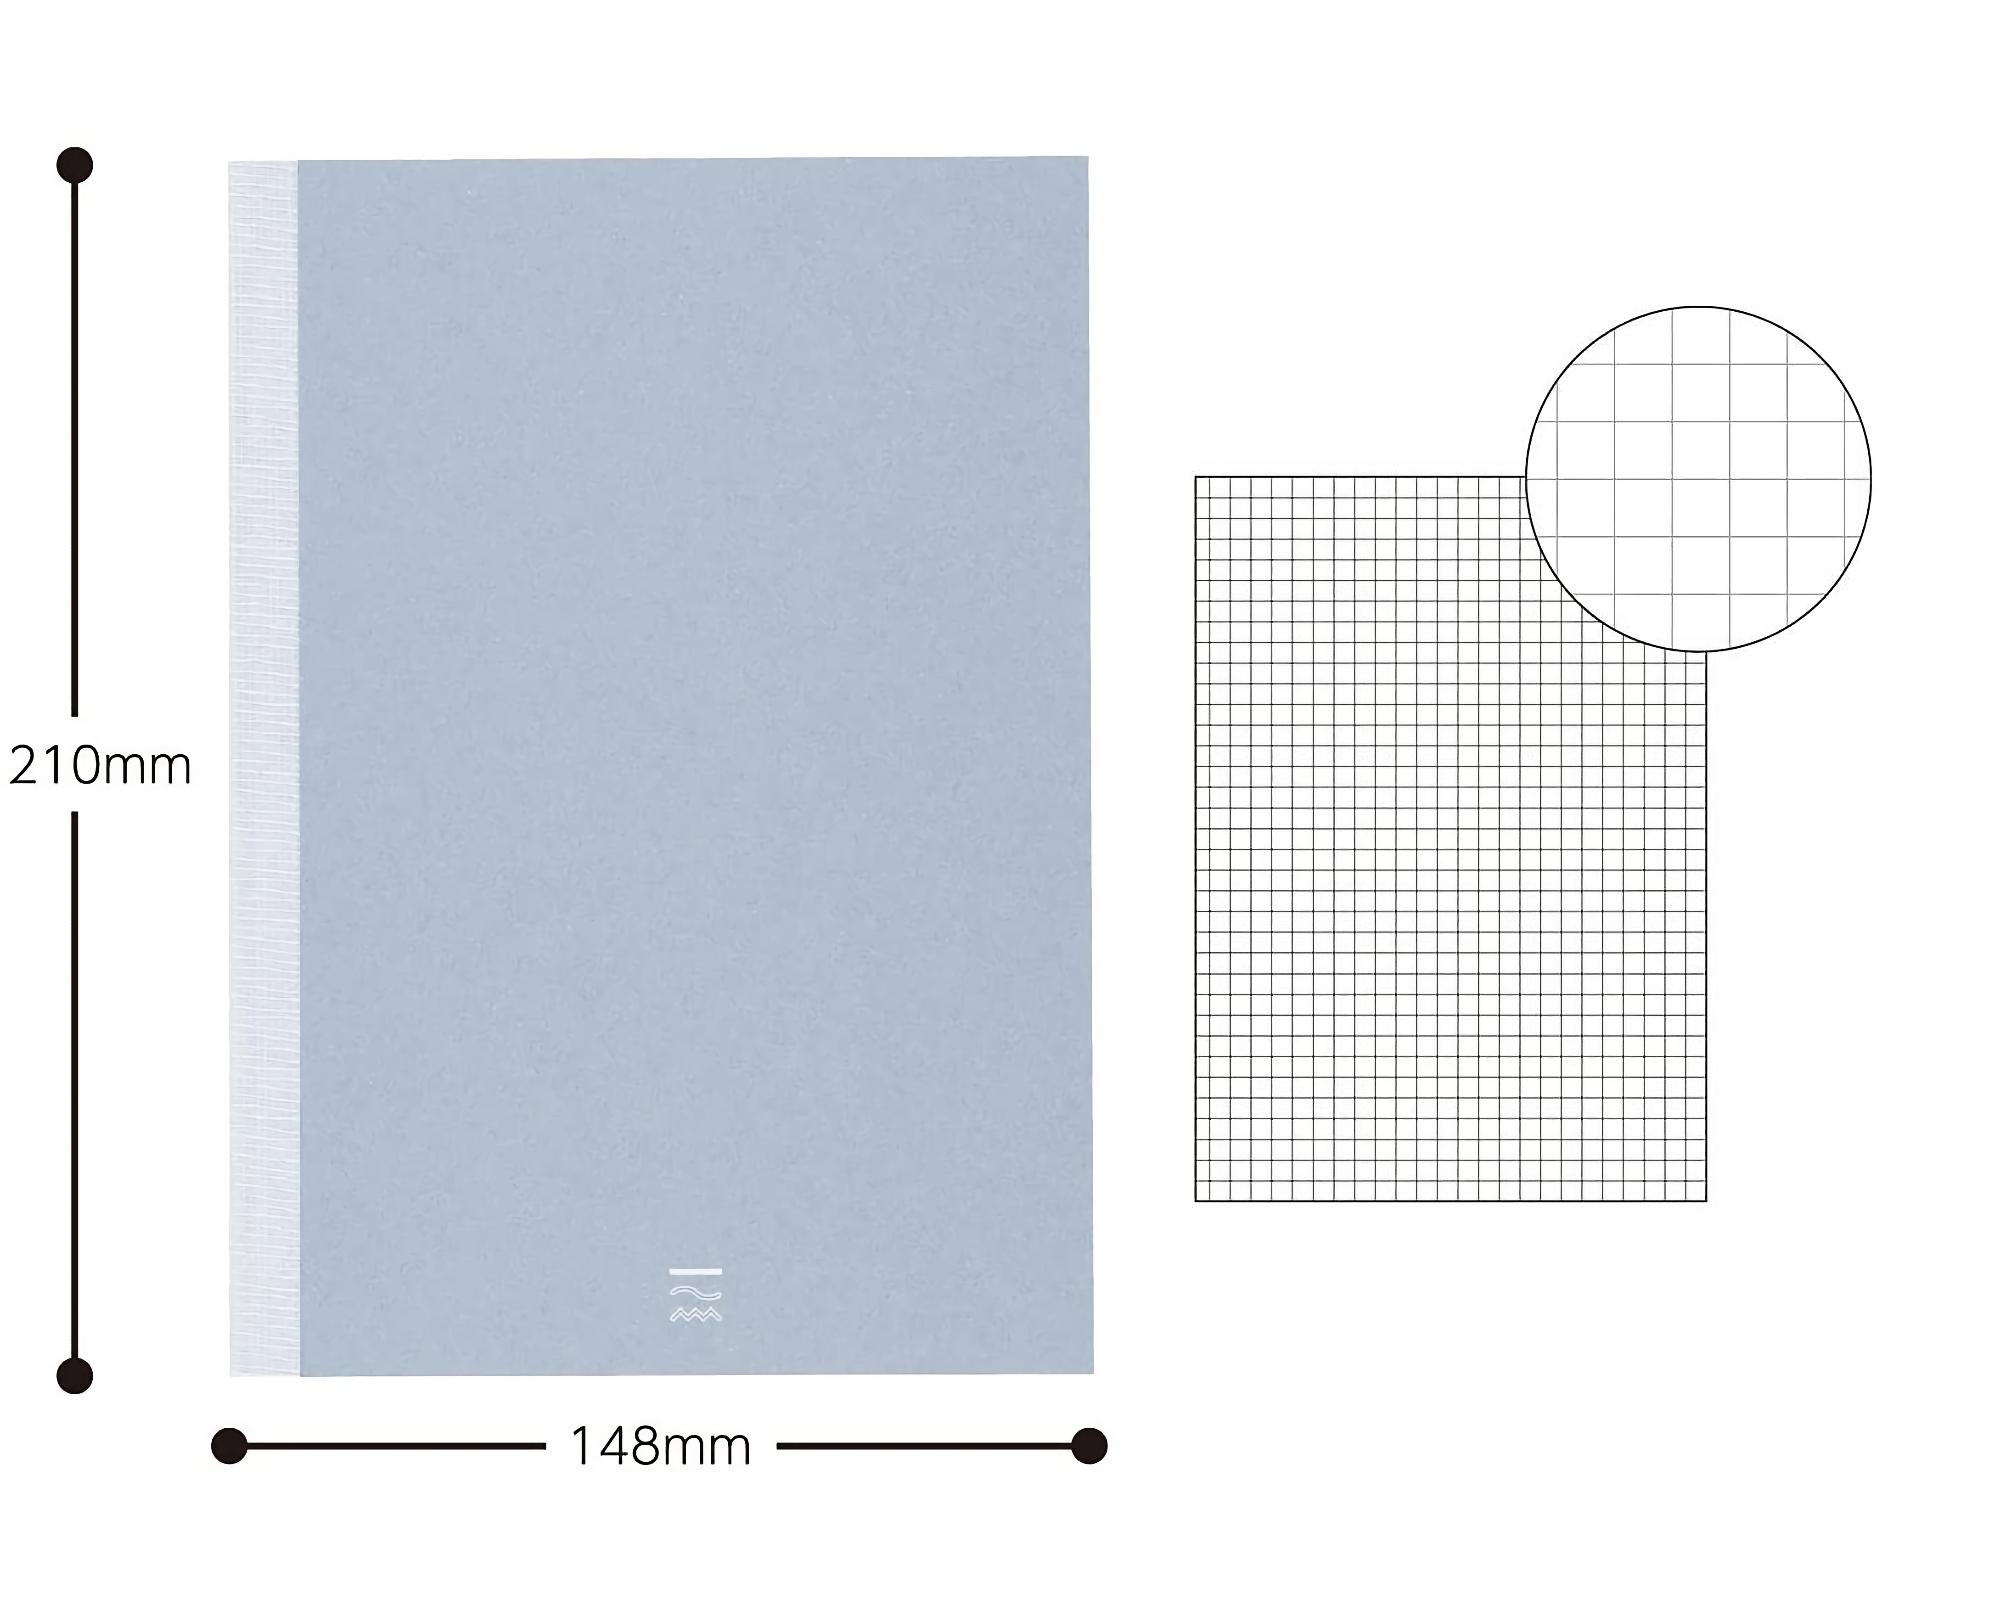 Kokuyo PERPANEP Notebook - Tsuru Tsuru A5 3 mm Rutad